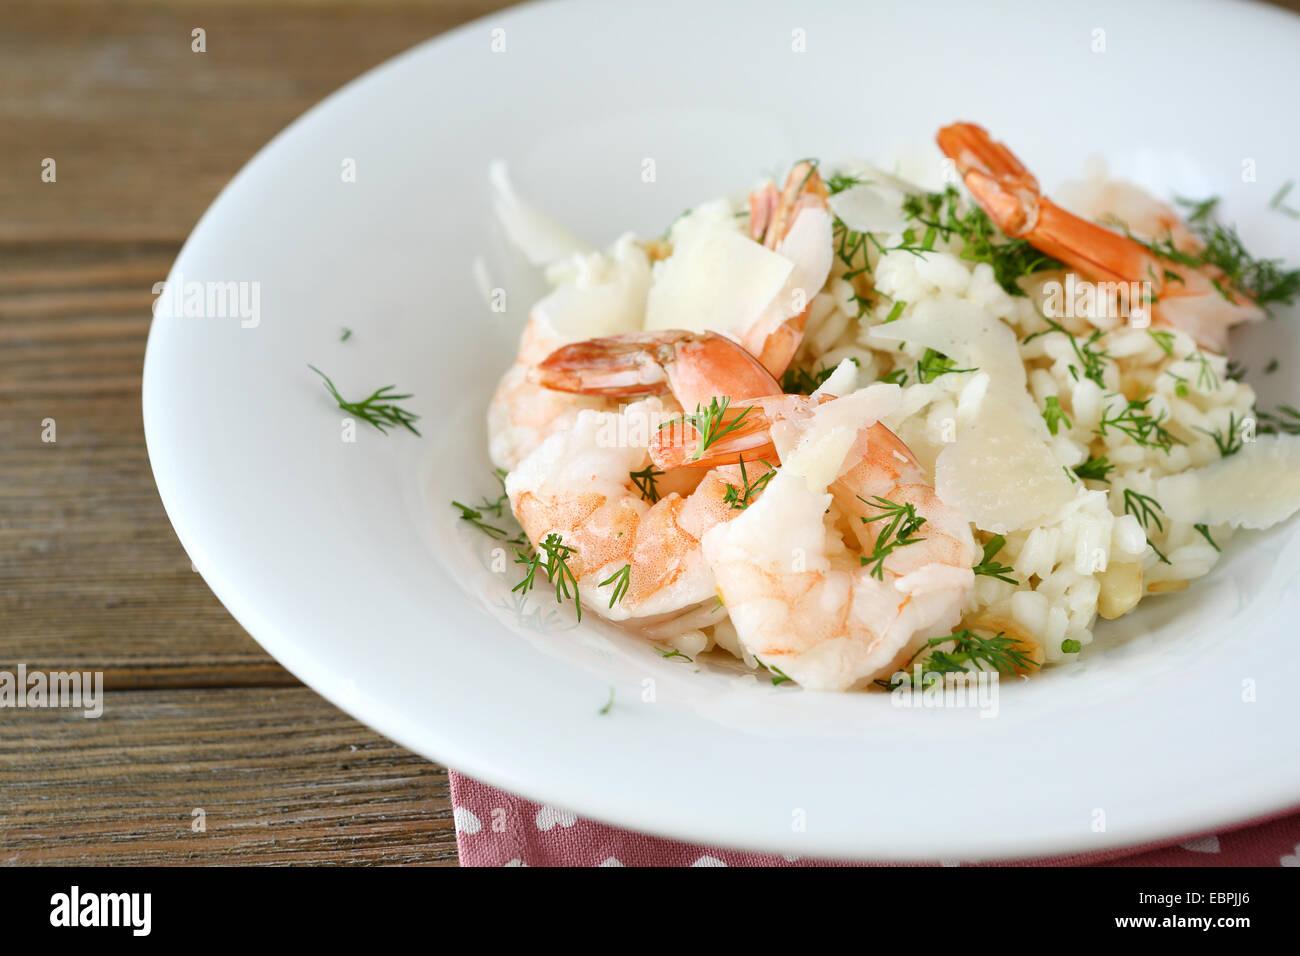 Arroz con camarones y eneldo, cerca de alimentos Imagen De Stock